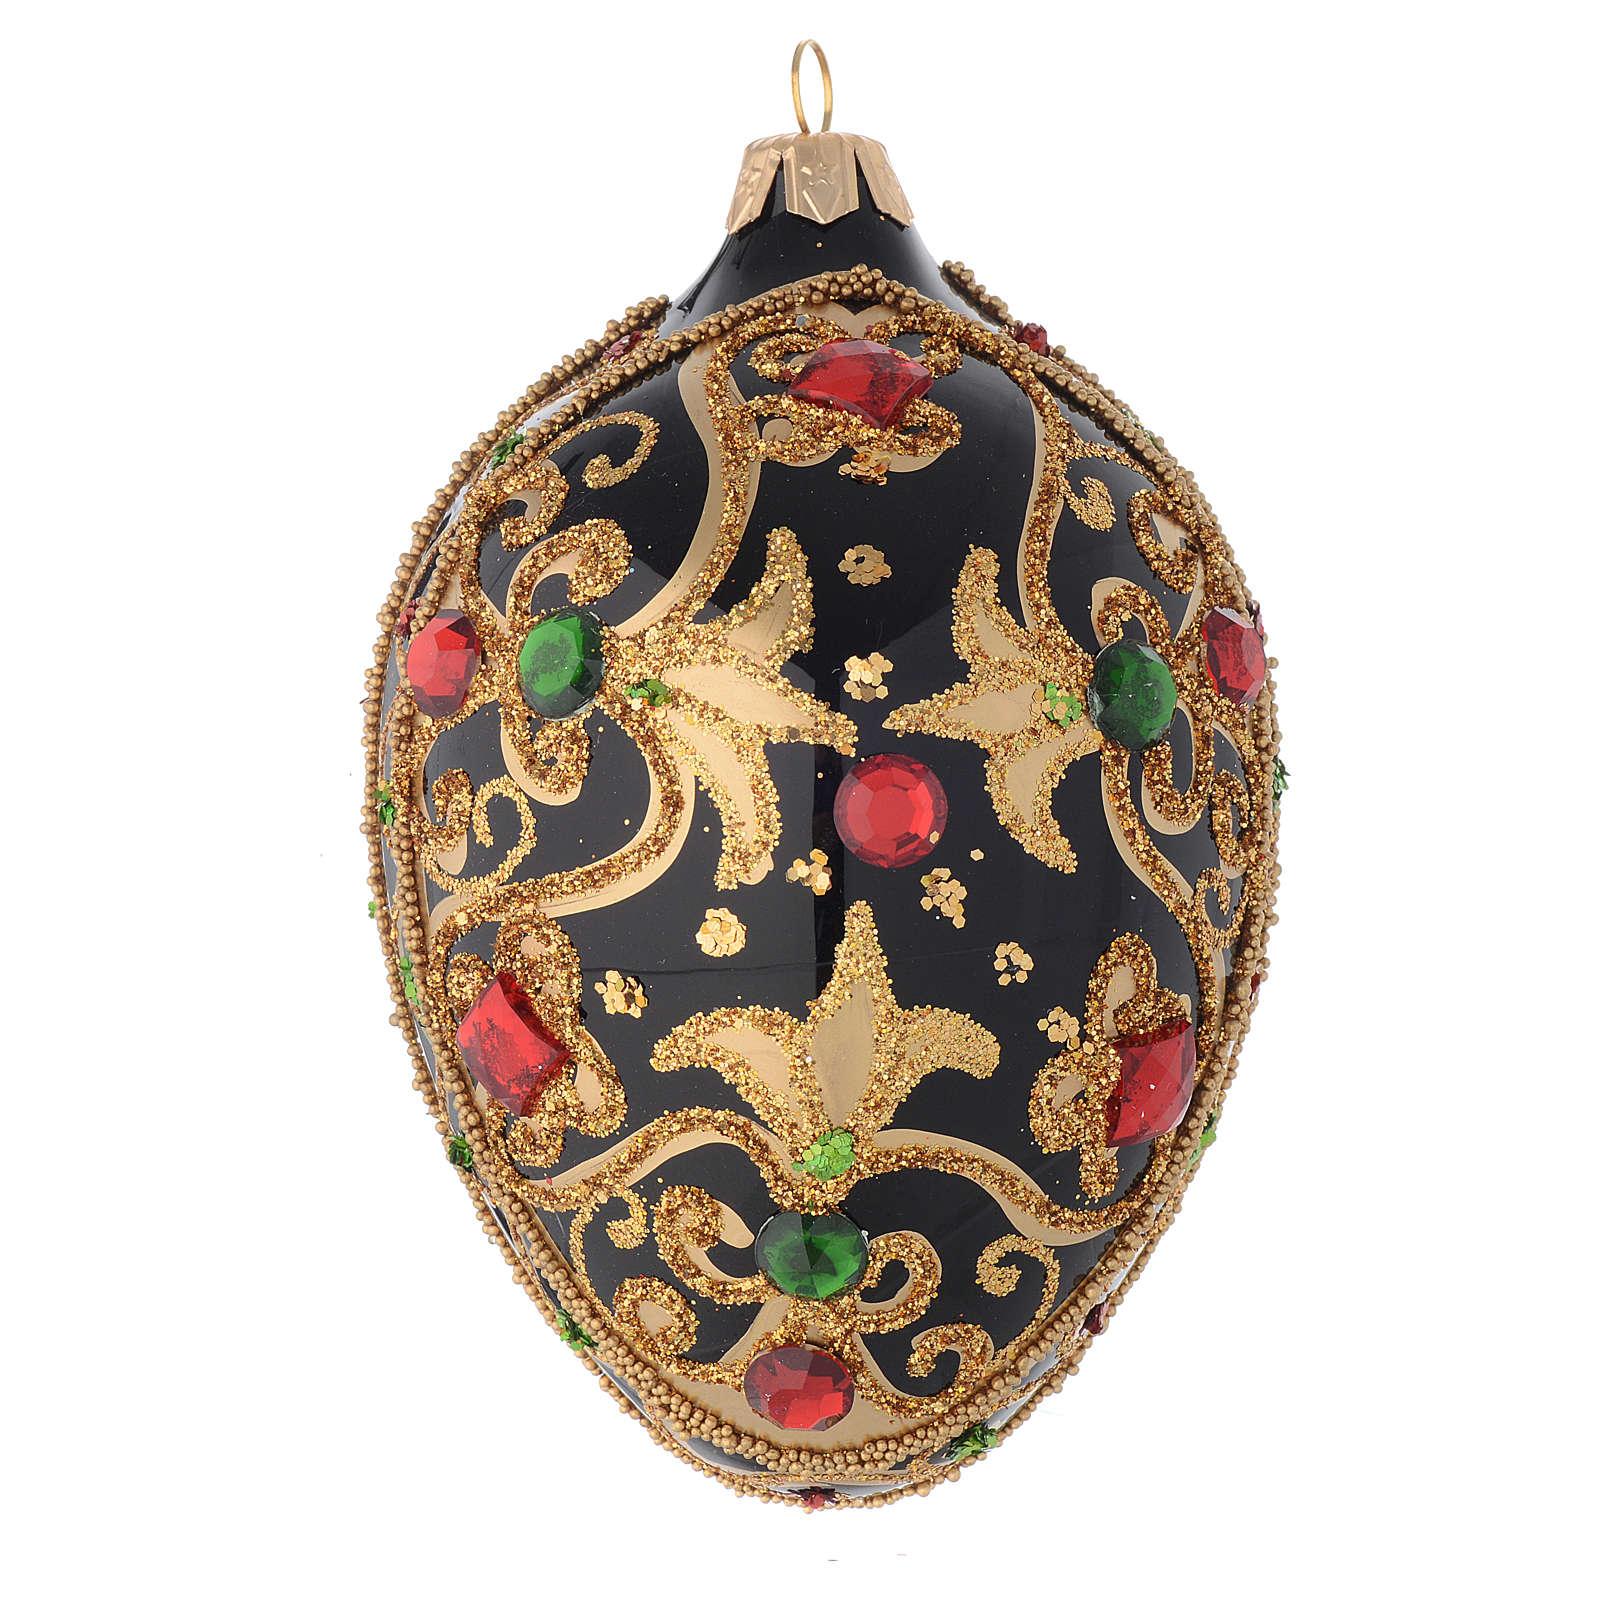 Palla uovo nero e oro pietre rosse 130 mm 4